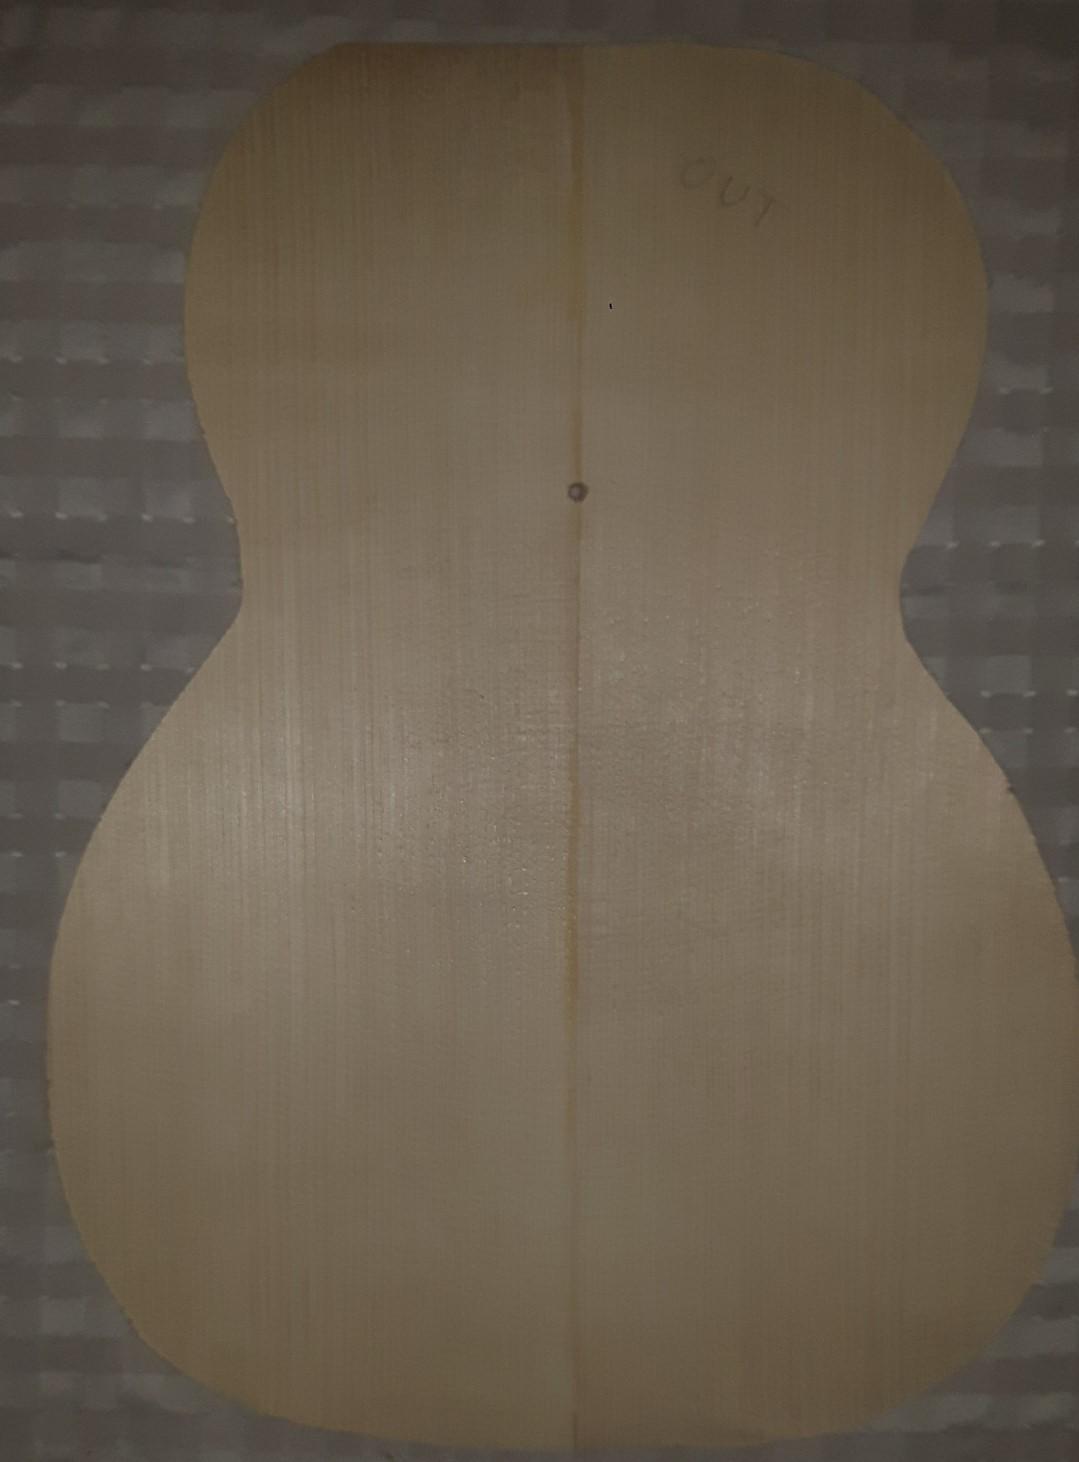 Les guitares d'un luthier aussi amateur que passionné ... - Page 29 20201109_171220